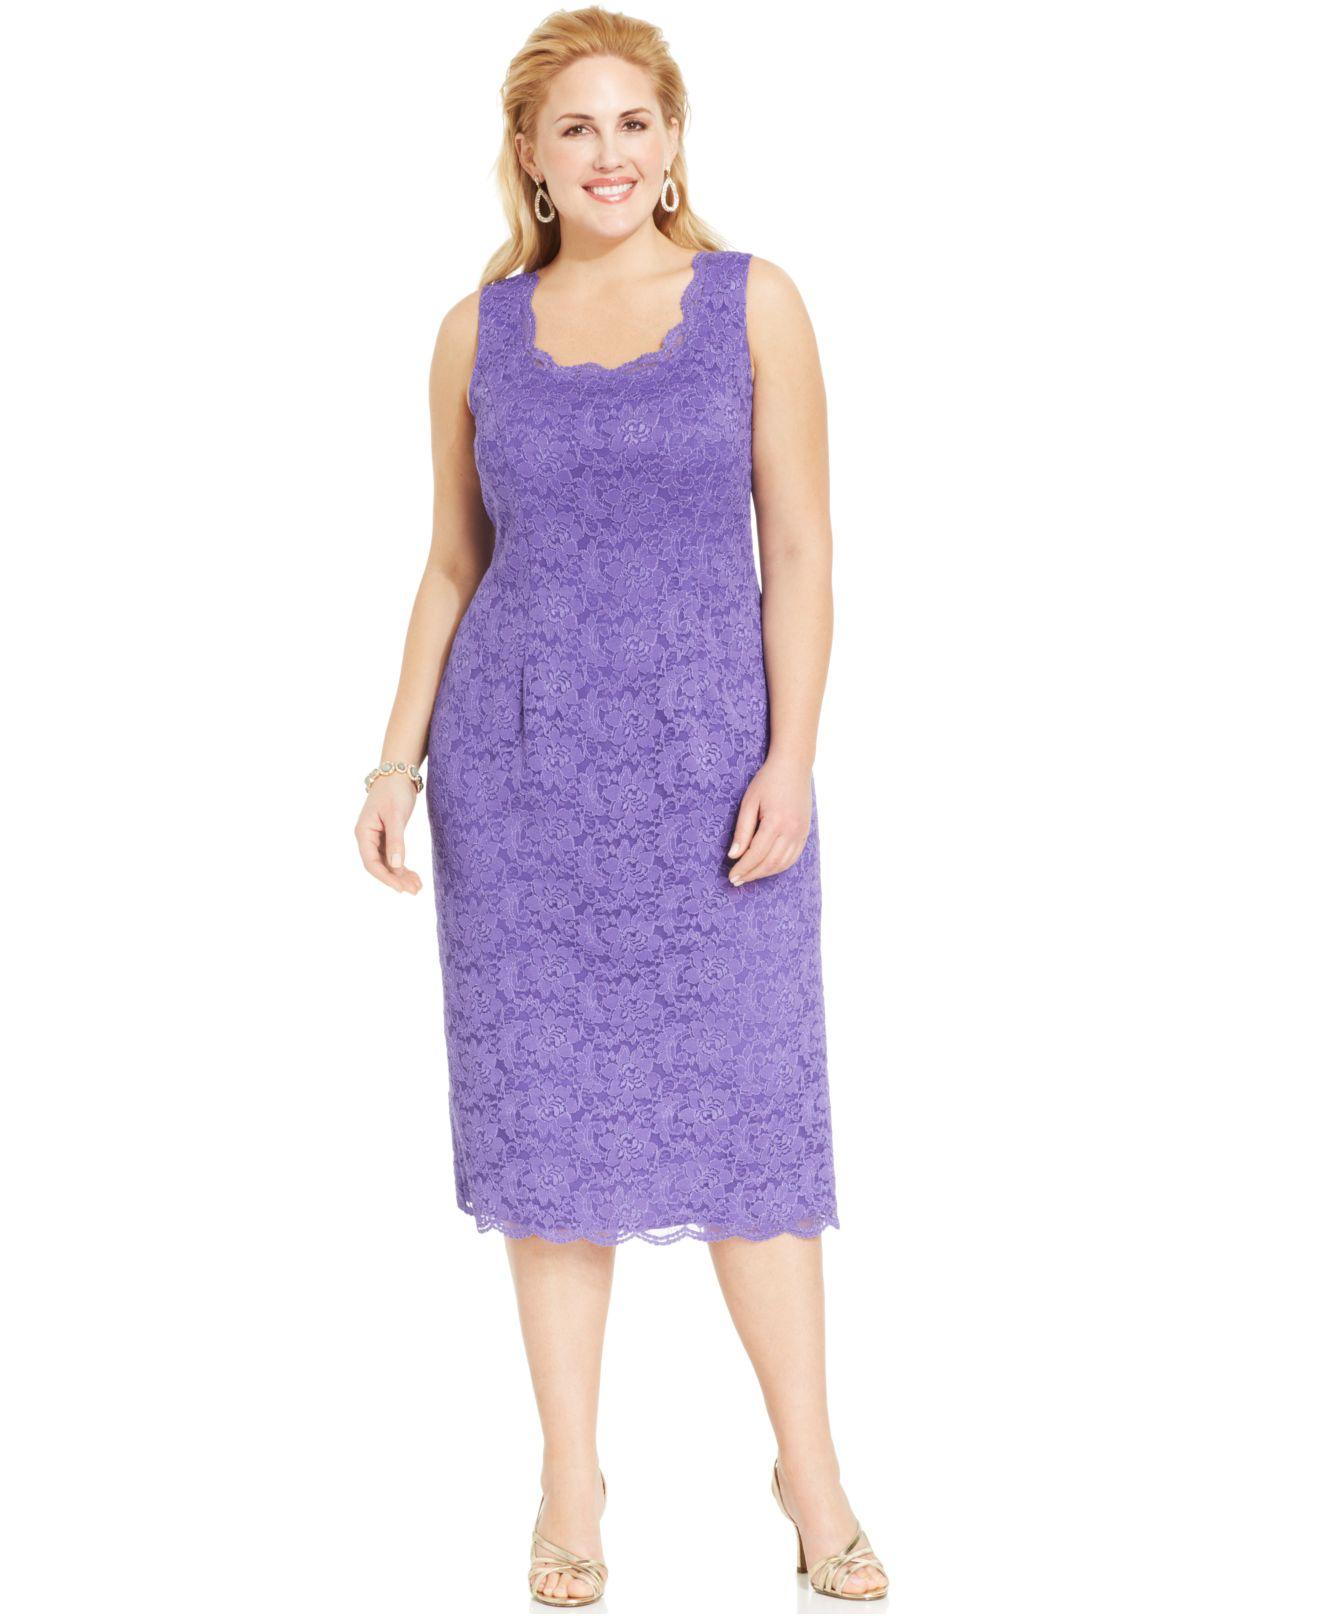 Alex Evenings Purple Plus Size Sequin Lace Dress And Jacket